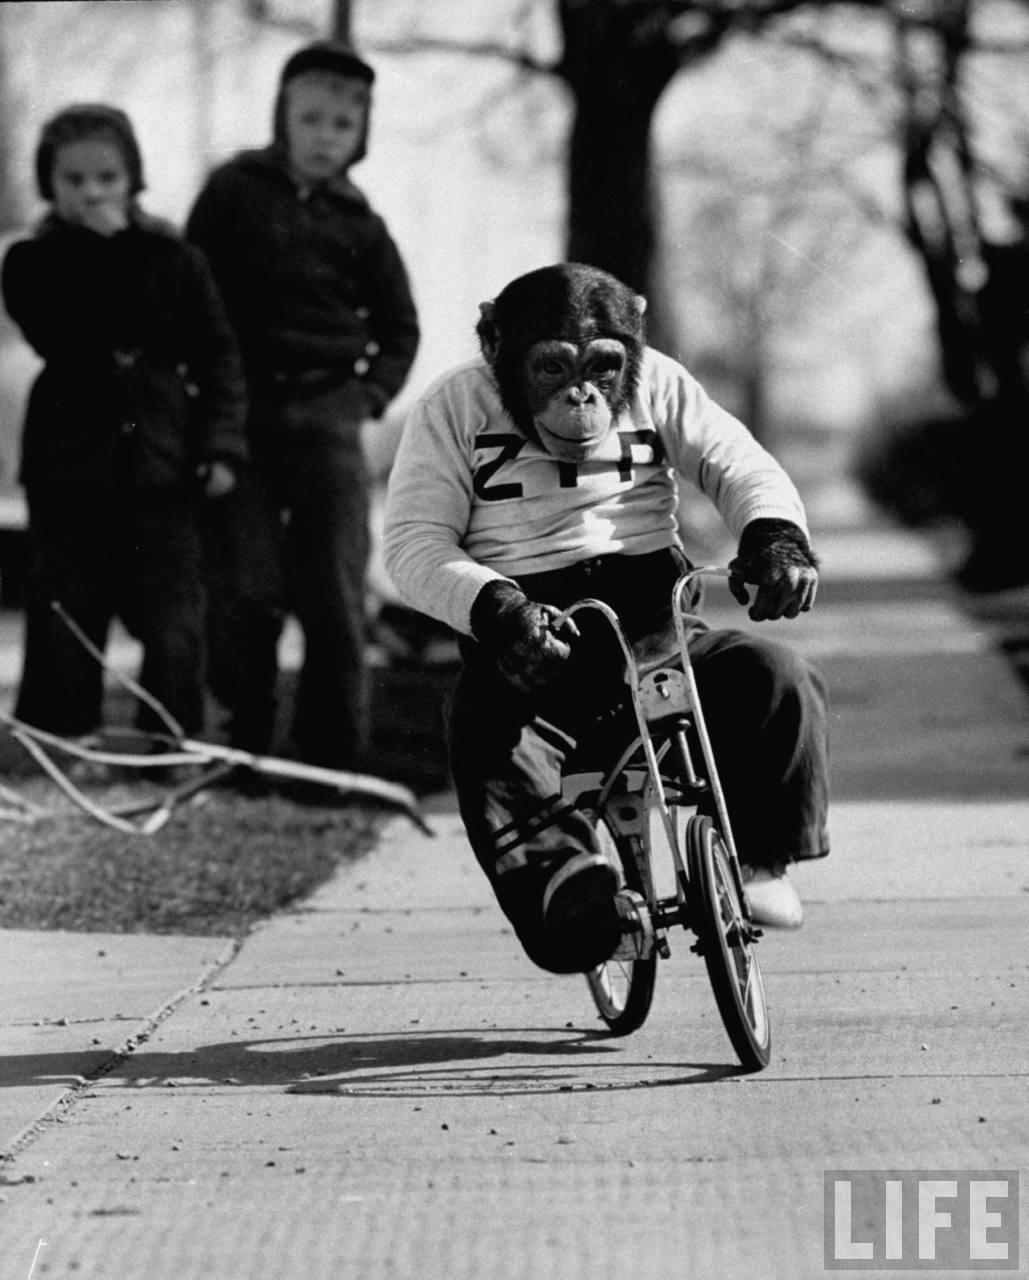 Zippy chimp on bicycle